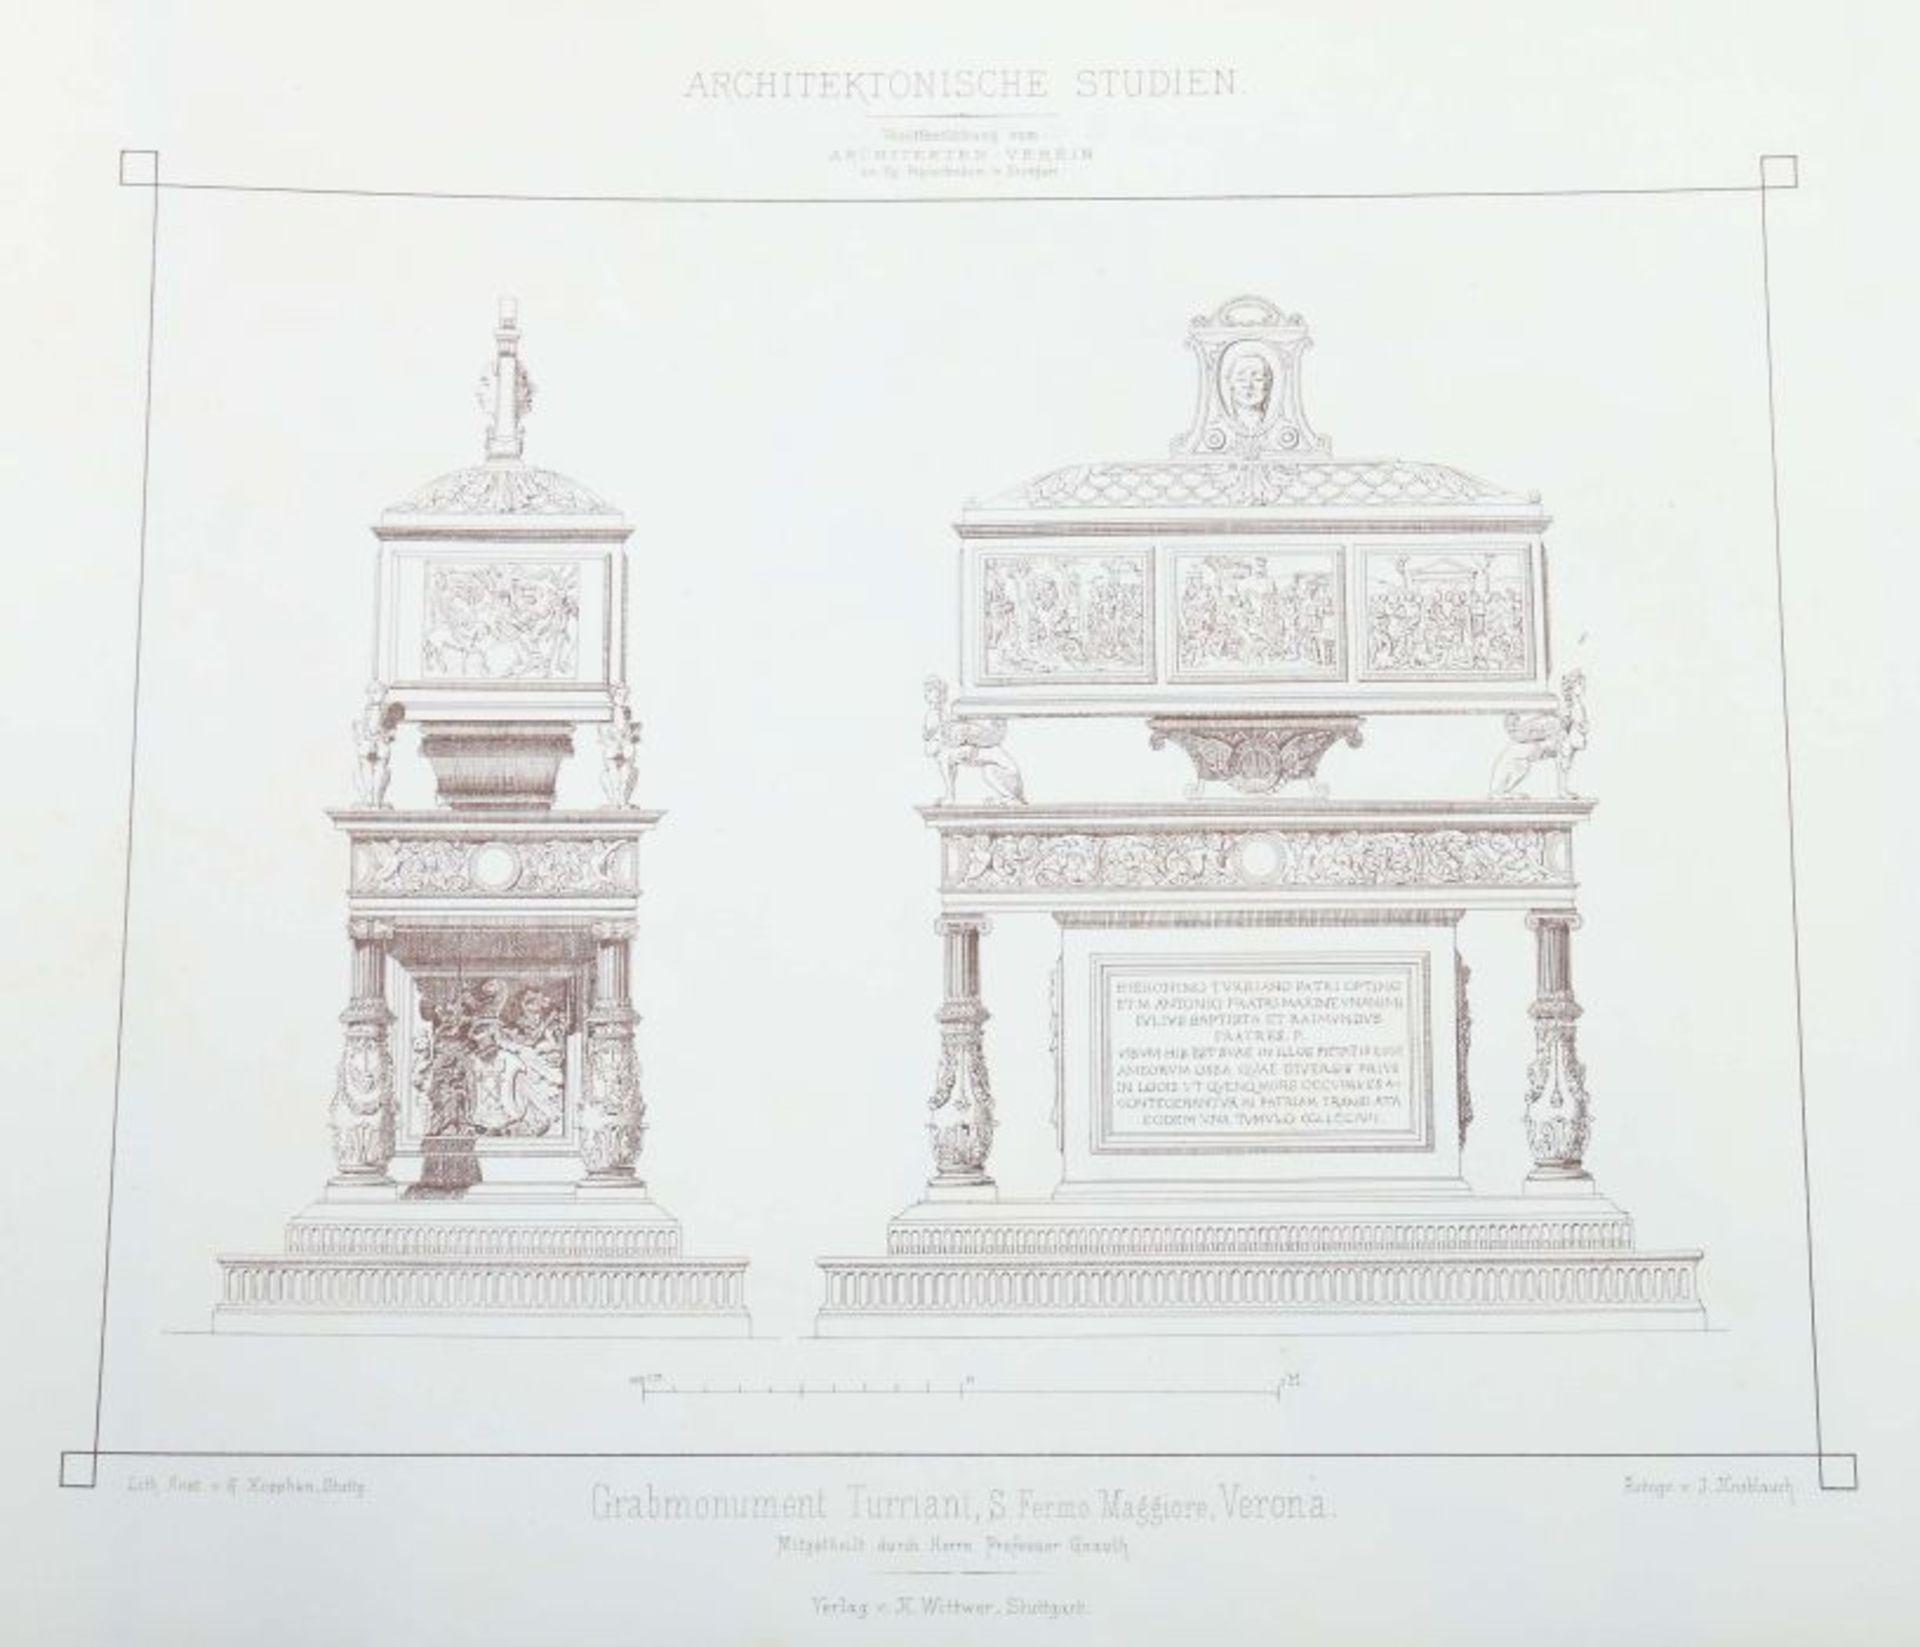 Architektonische Studien Herausgegeben vom Architektenverein am Kgl. Polytechnikum zu Stuttgart, - Bild 10 aus 10